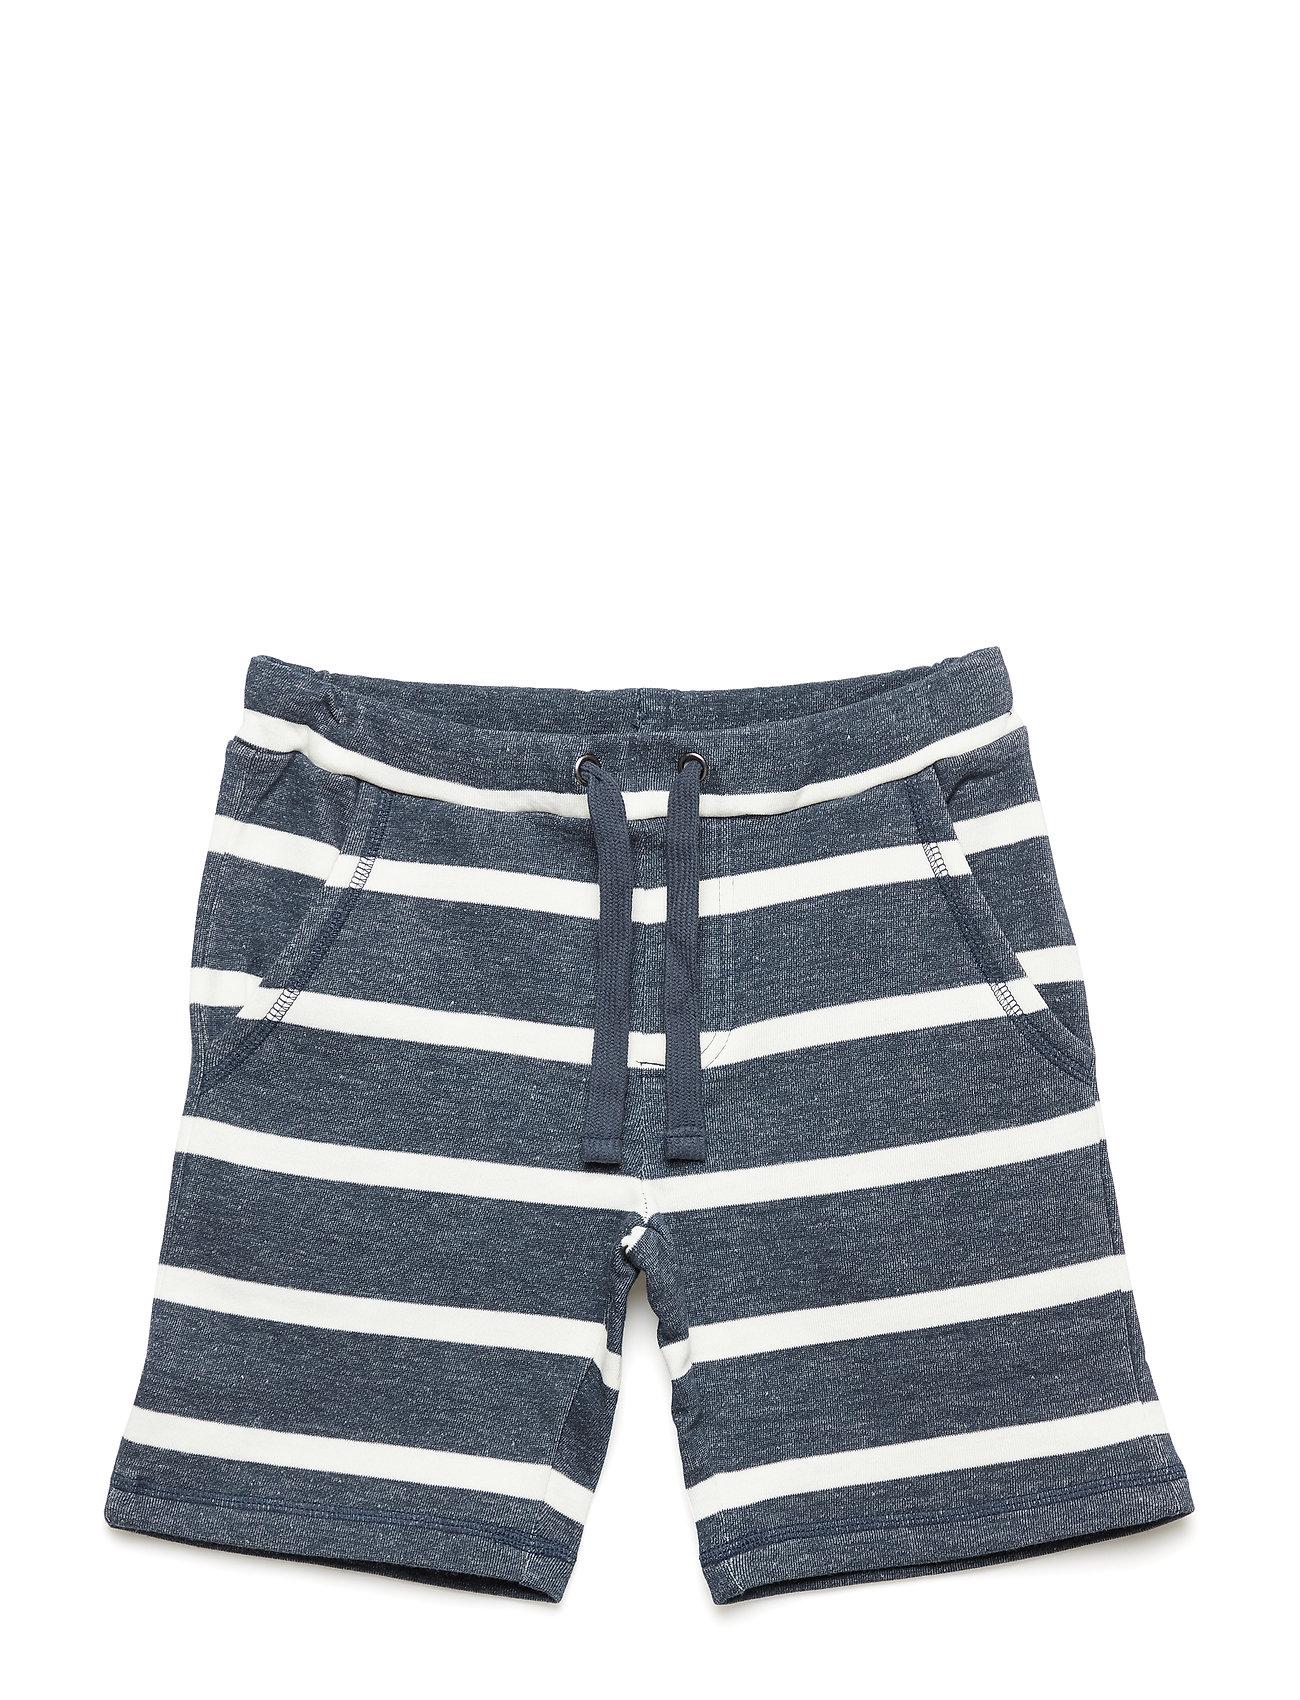 Wheat Shorts Bendix - NAVY